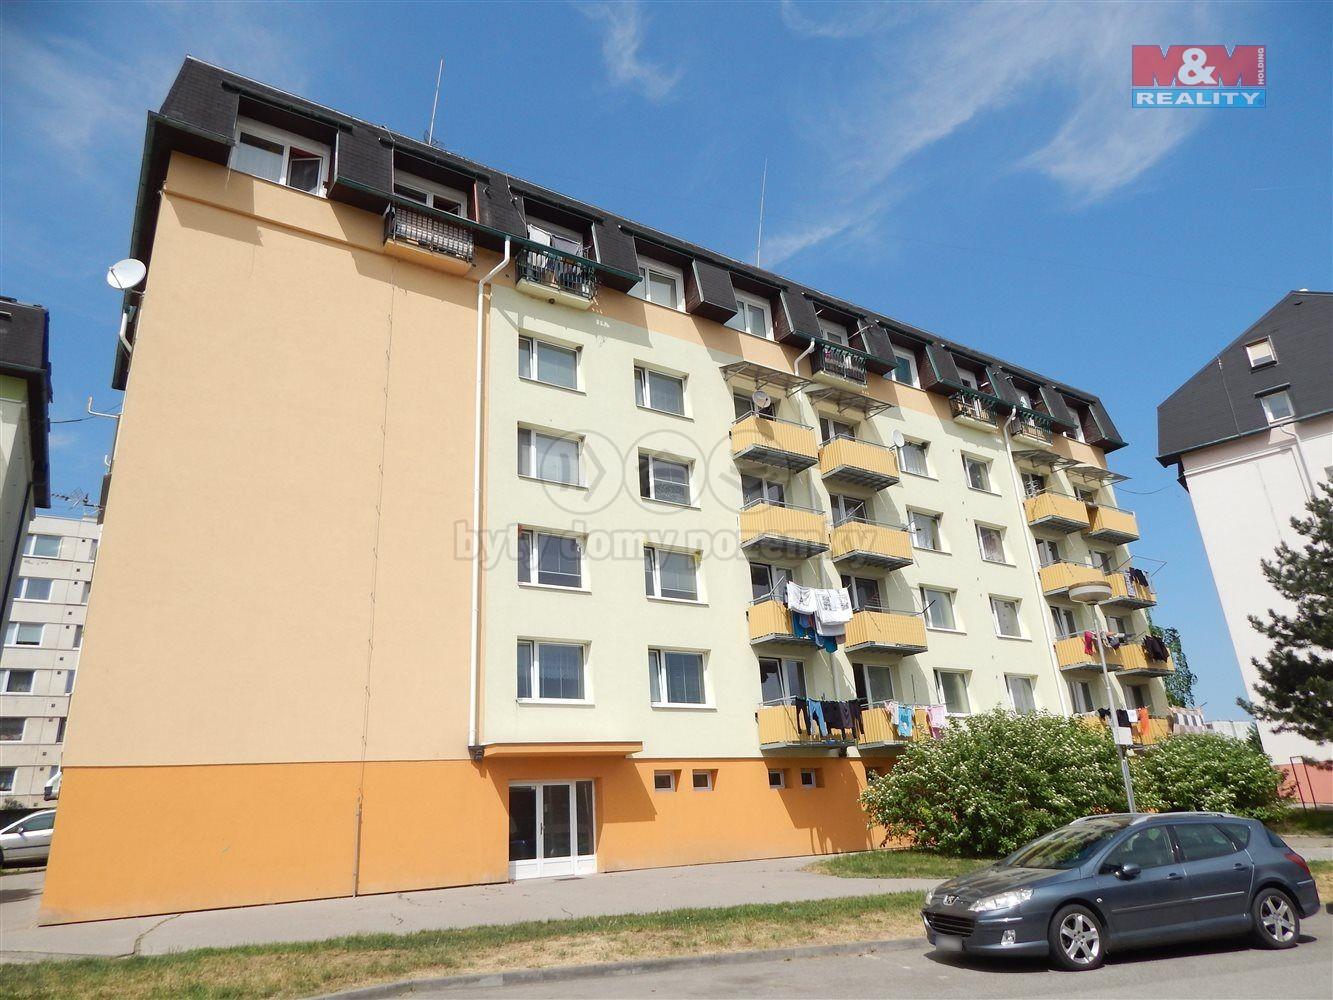 Prodej, byt 3+kk, Rosice, ul. Kaštanová